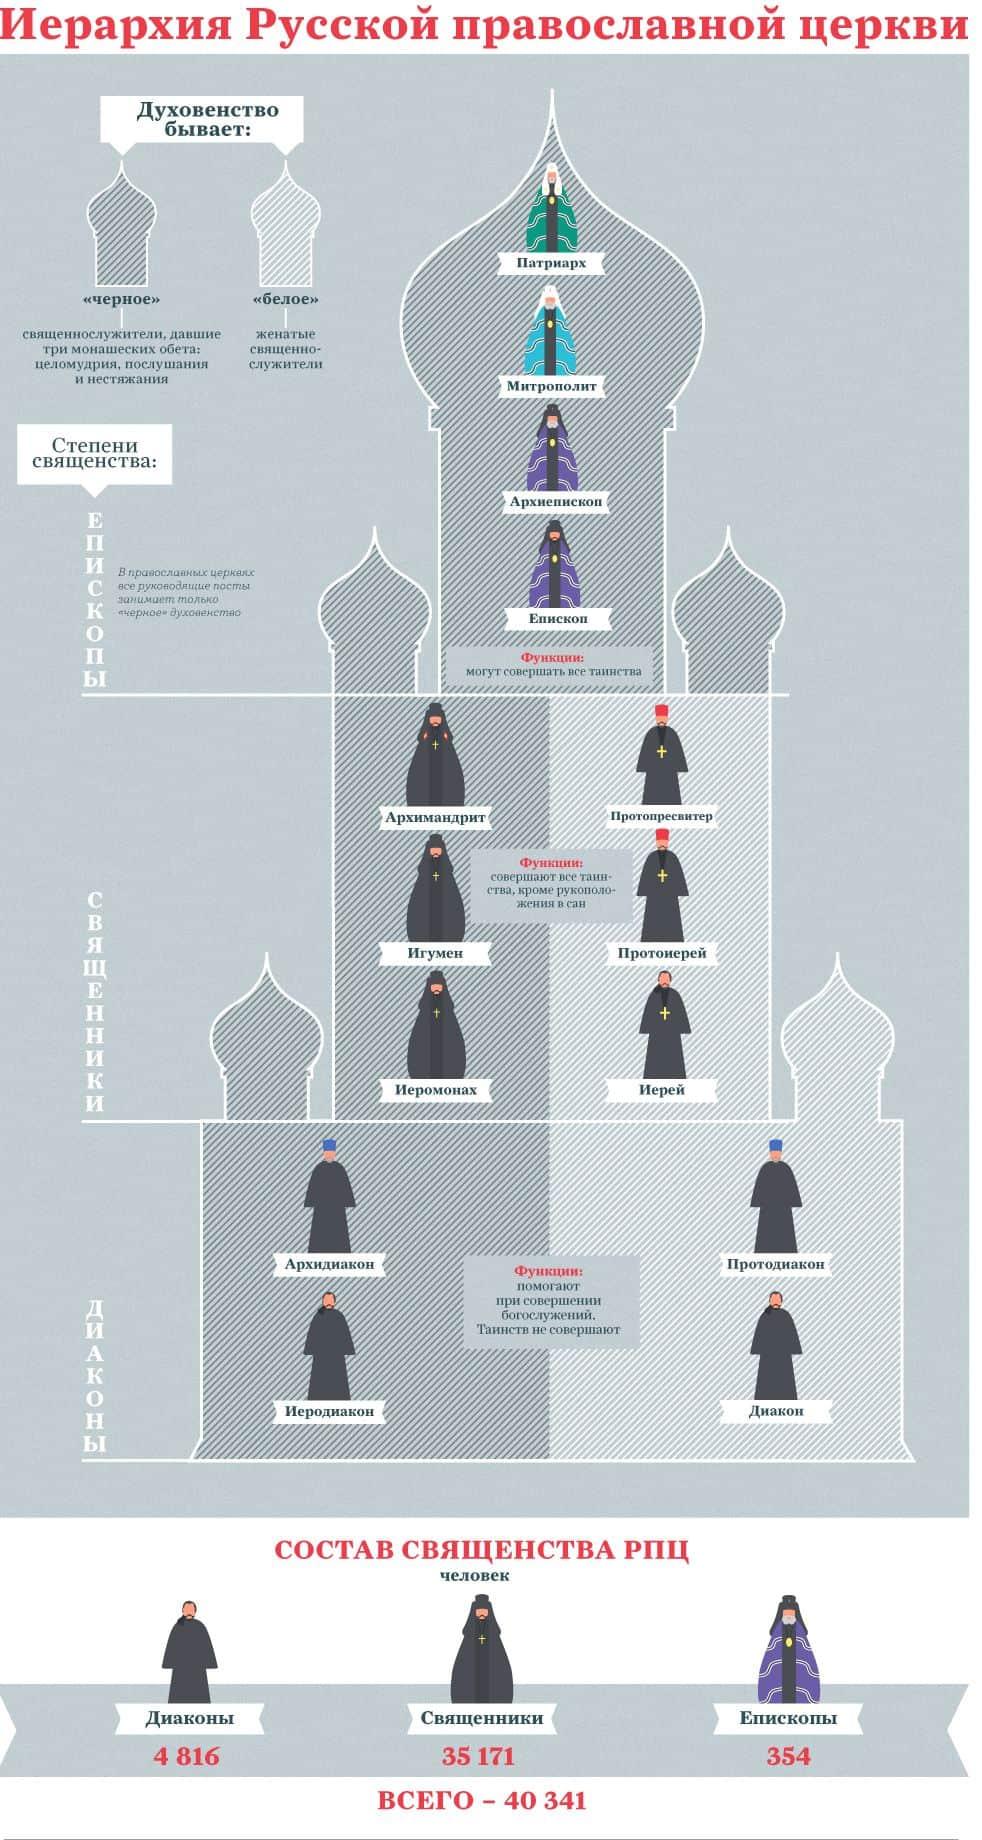 иерархия в православной церкви схема